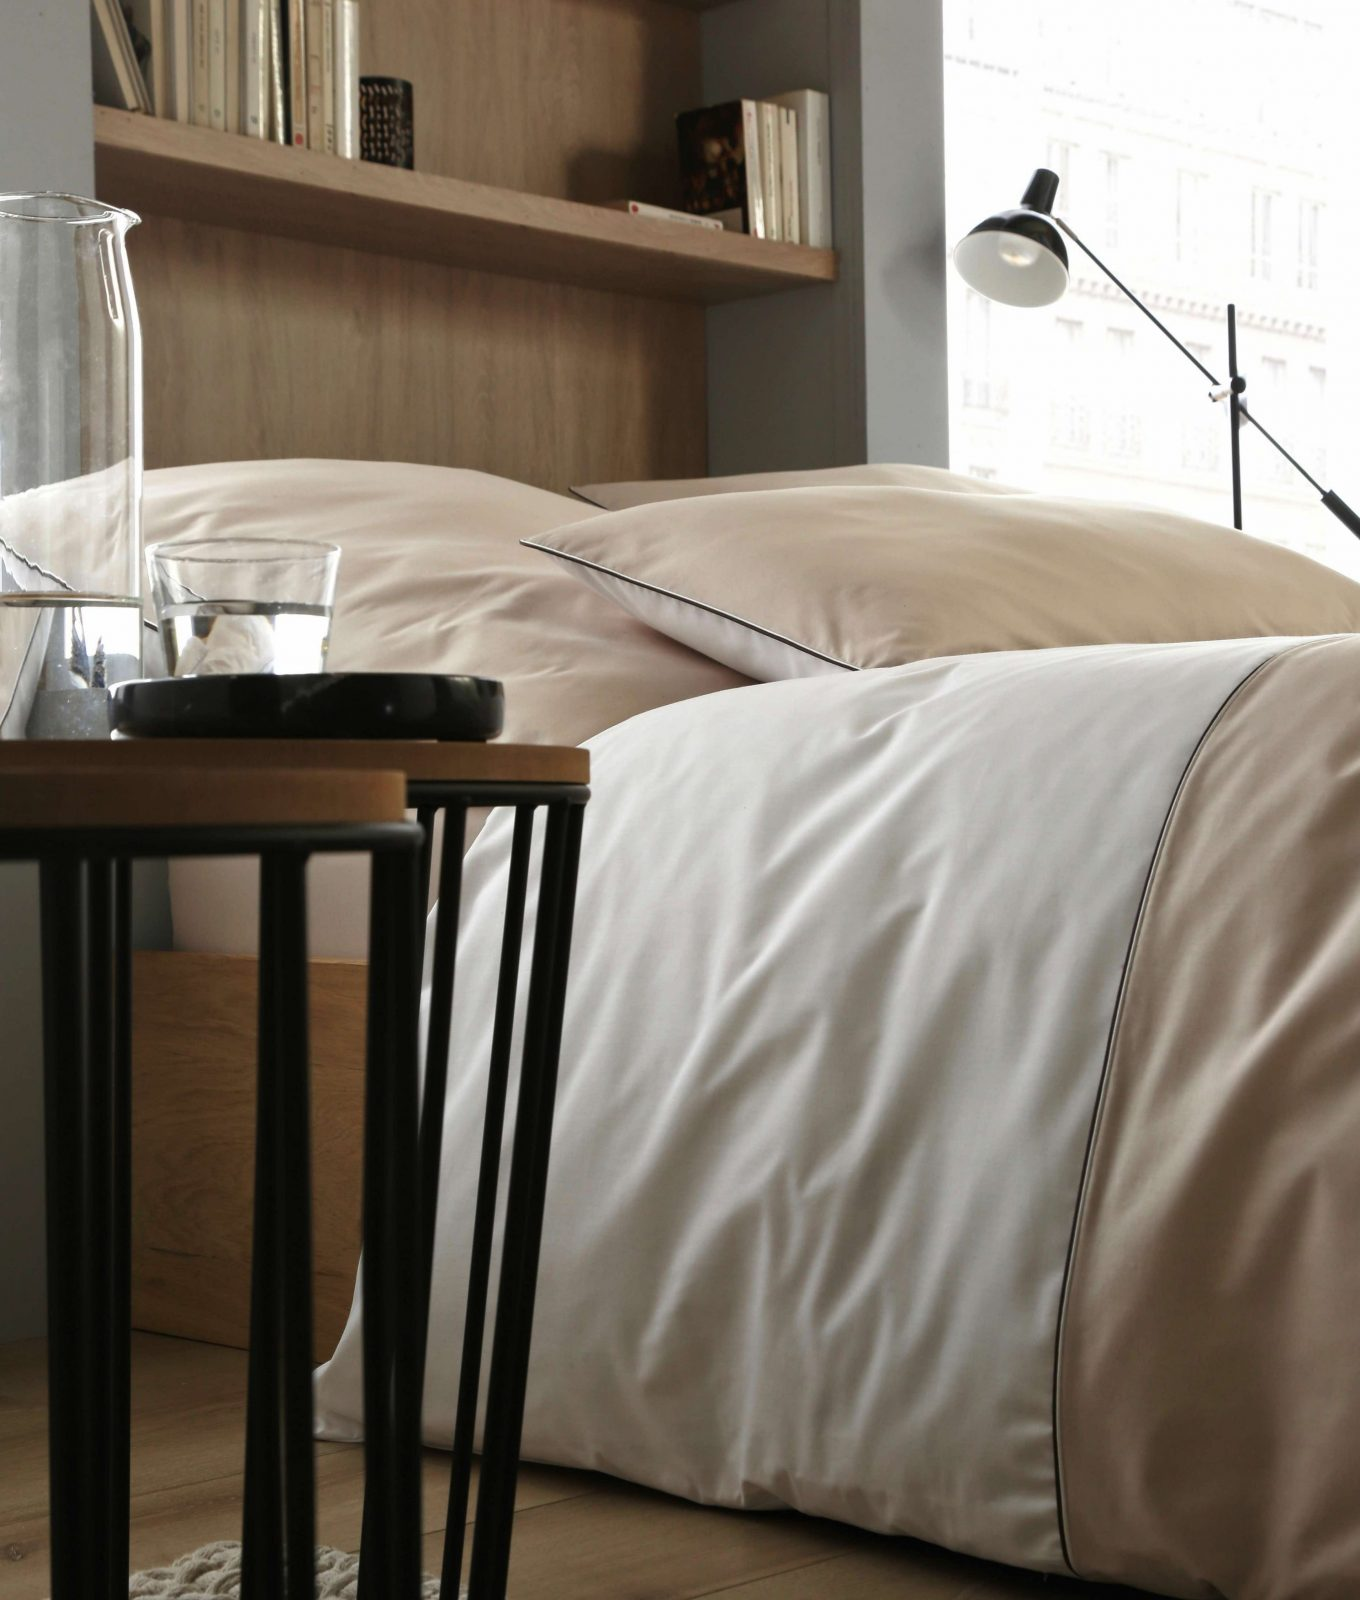 Luxus Estella Bettwäsche Jersey  Home Image Ideen von Bettwäsche Estella Fabrikverkauf Bild